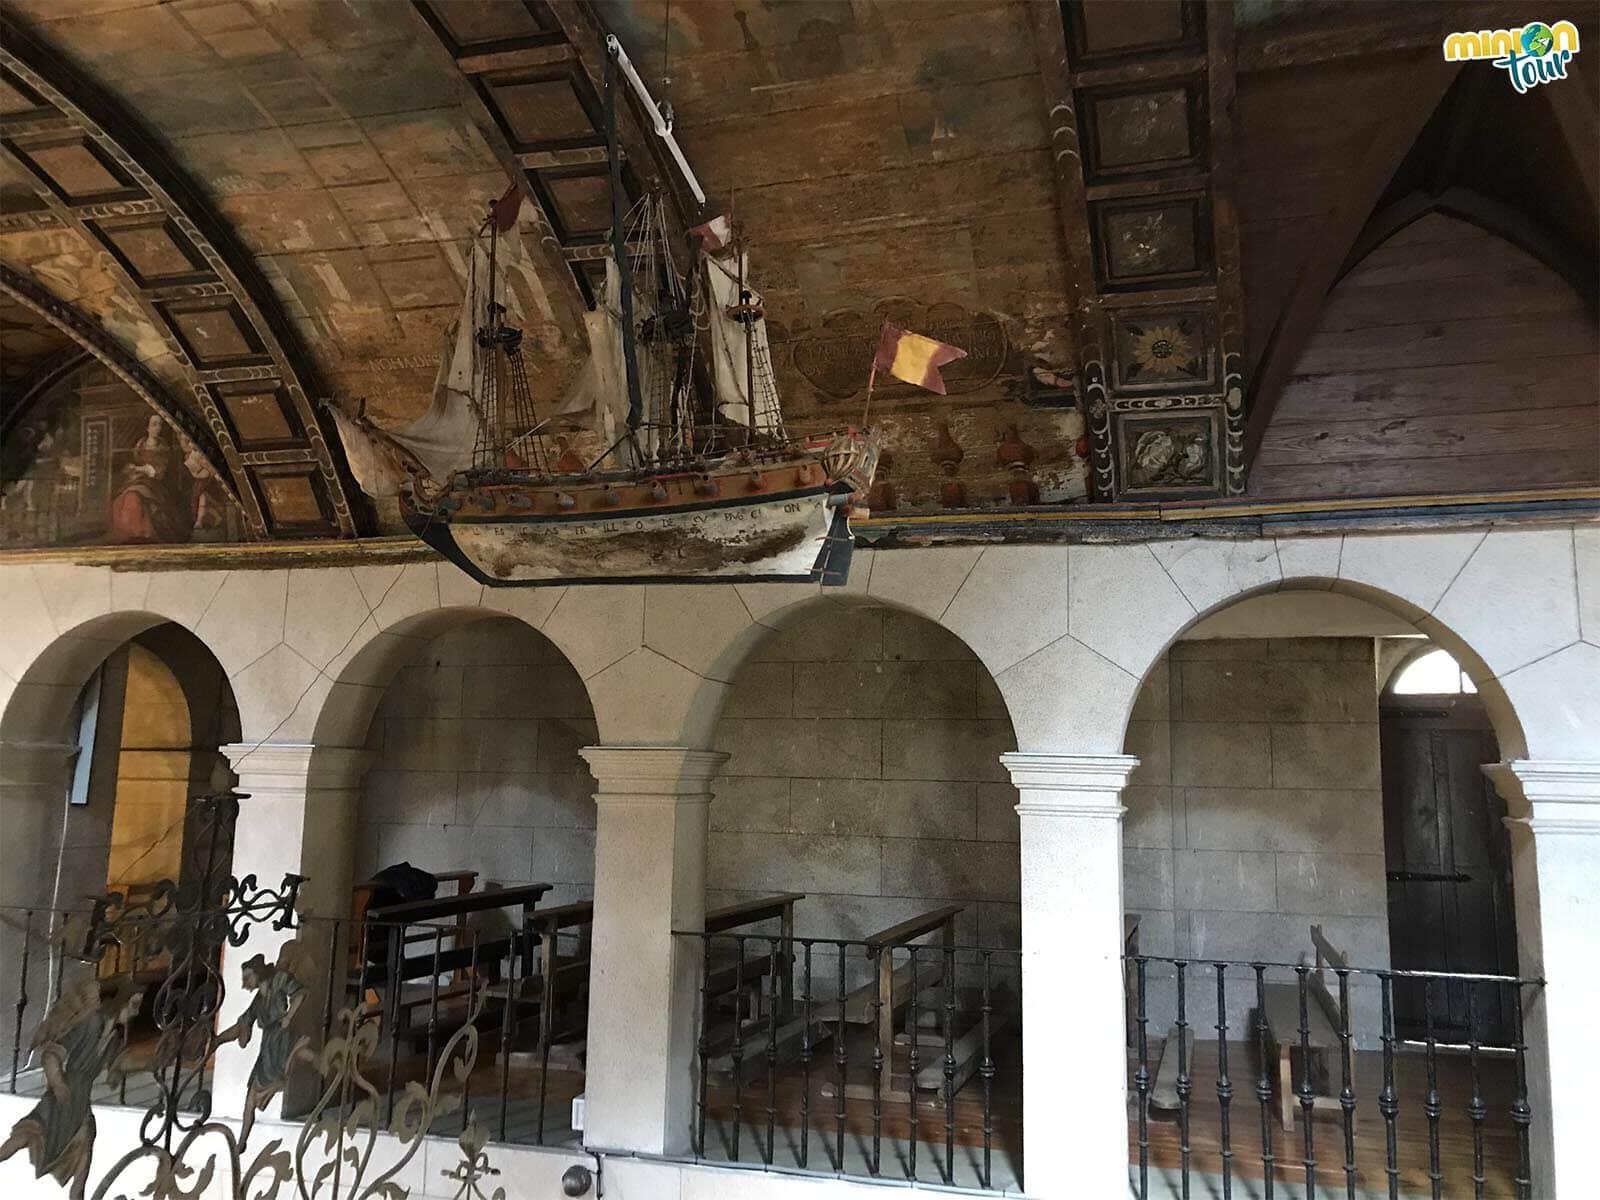 Del techo del santuario cuelga un barquito muy chulo